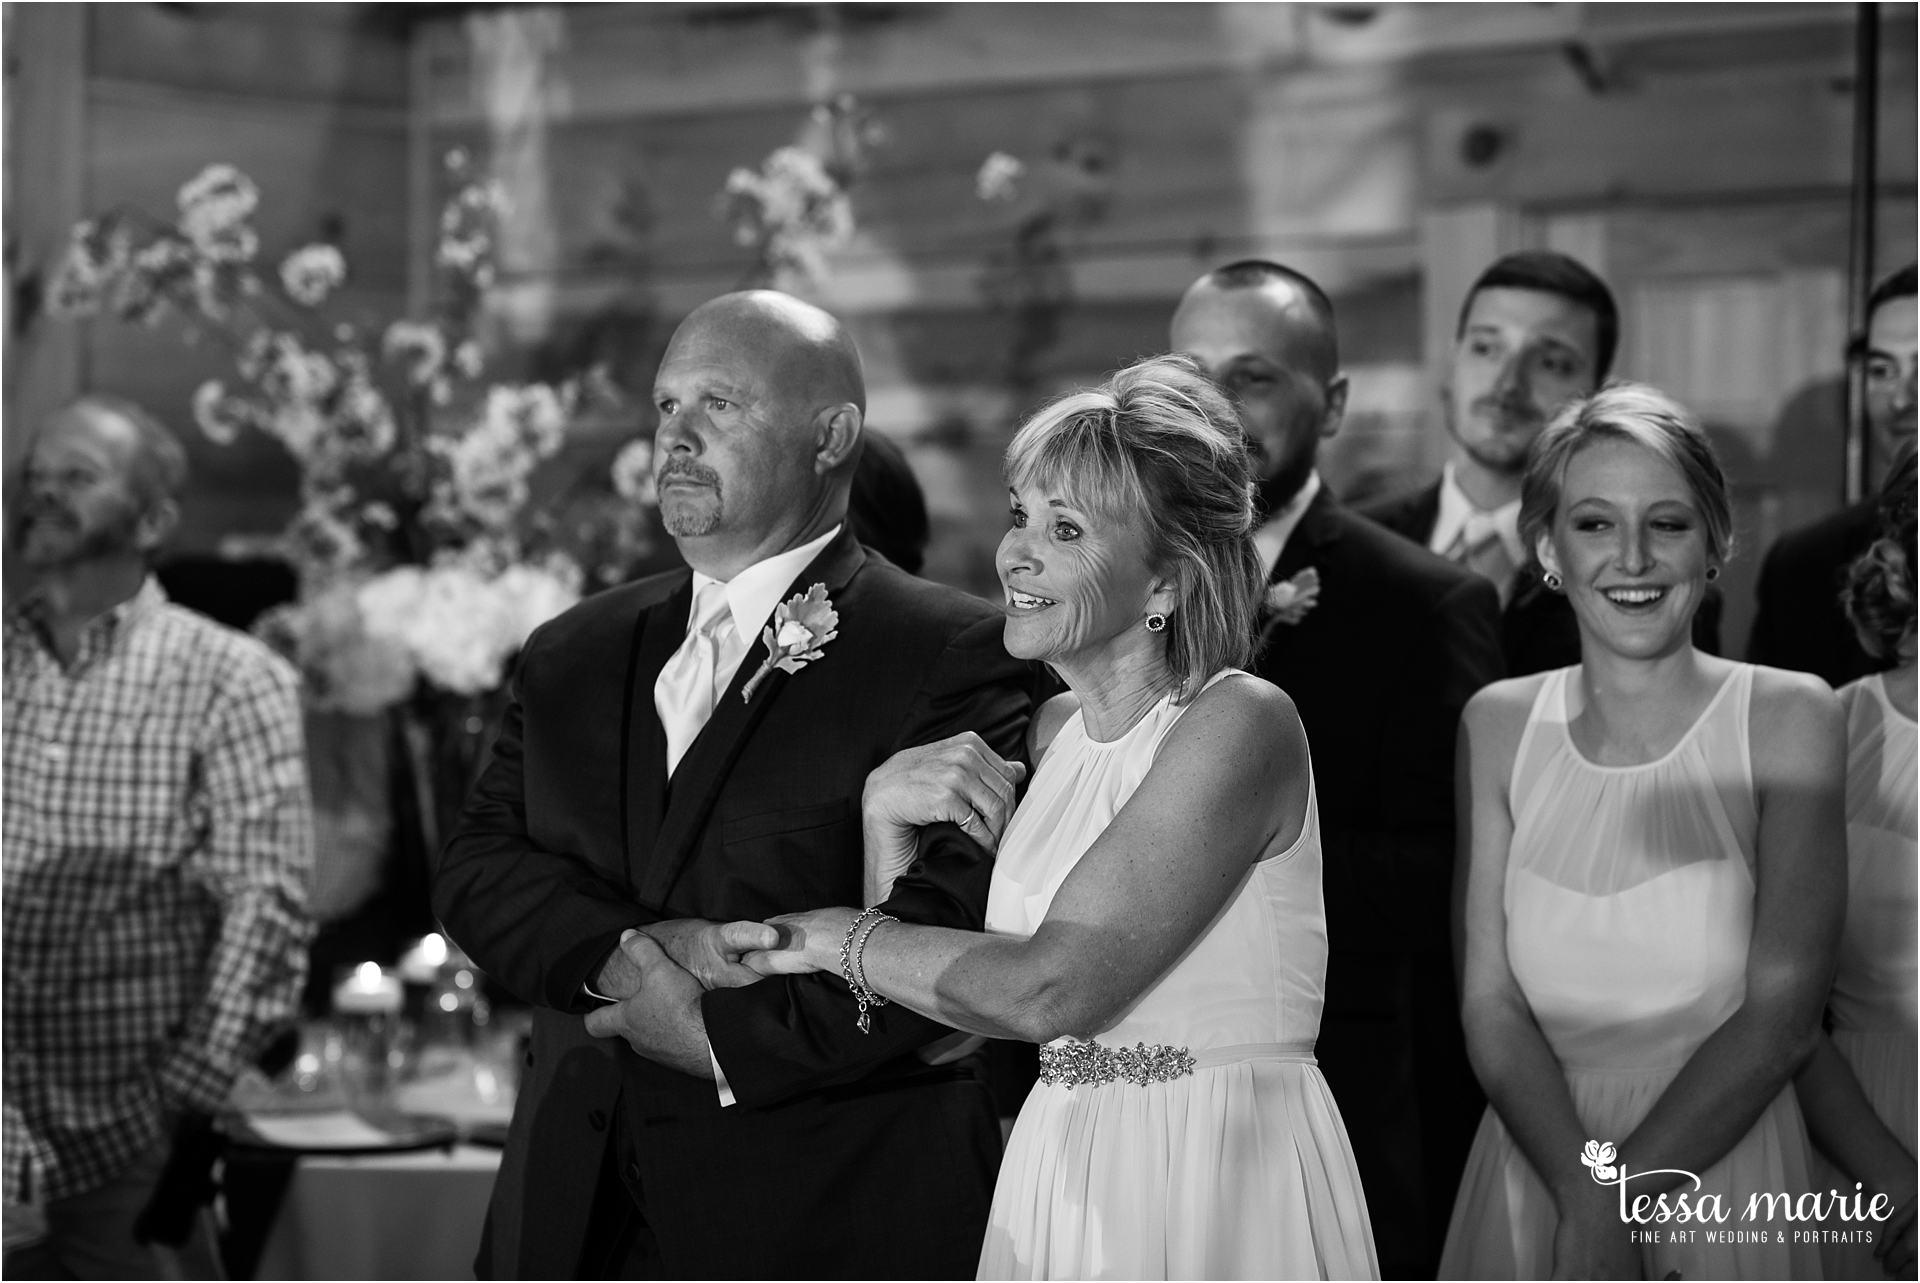 032216_brittany_kevin_wedding-157